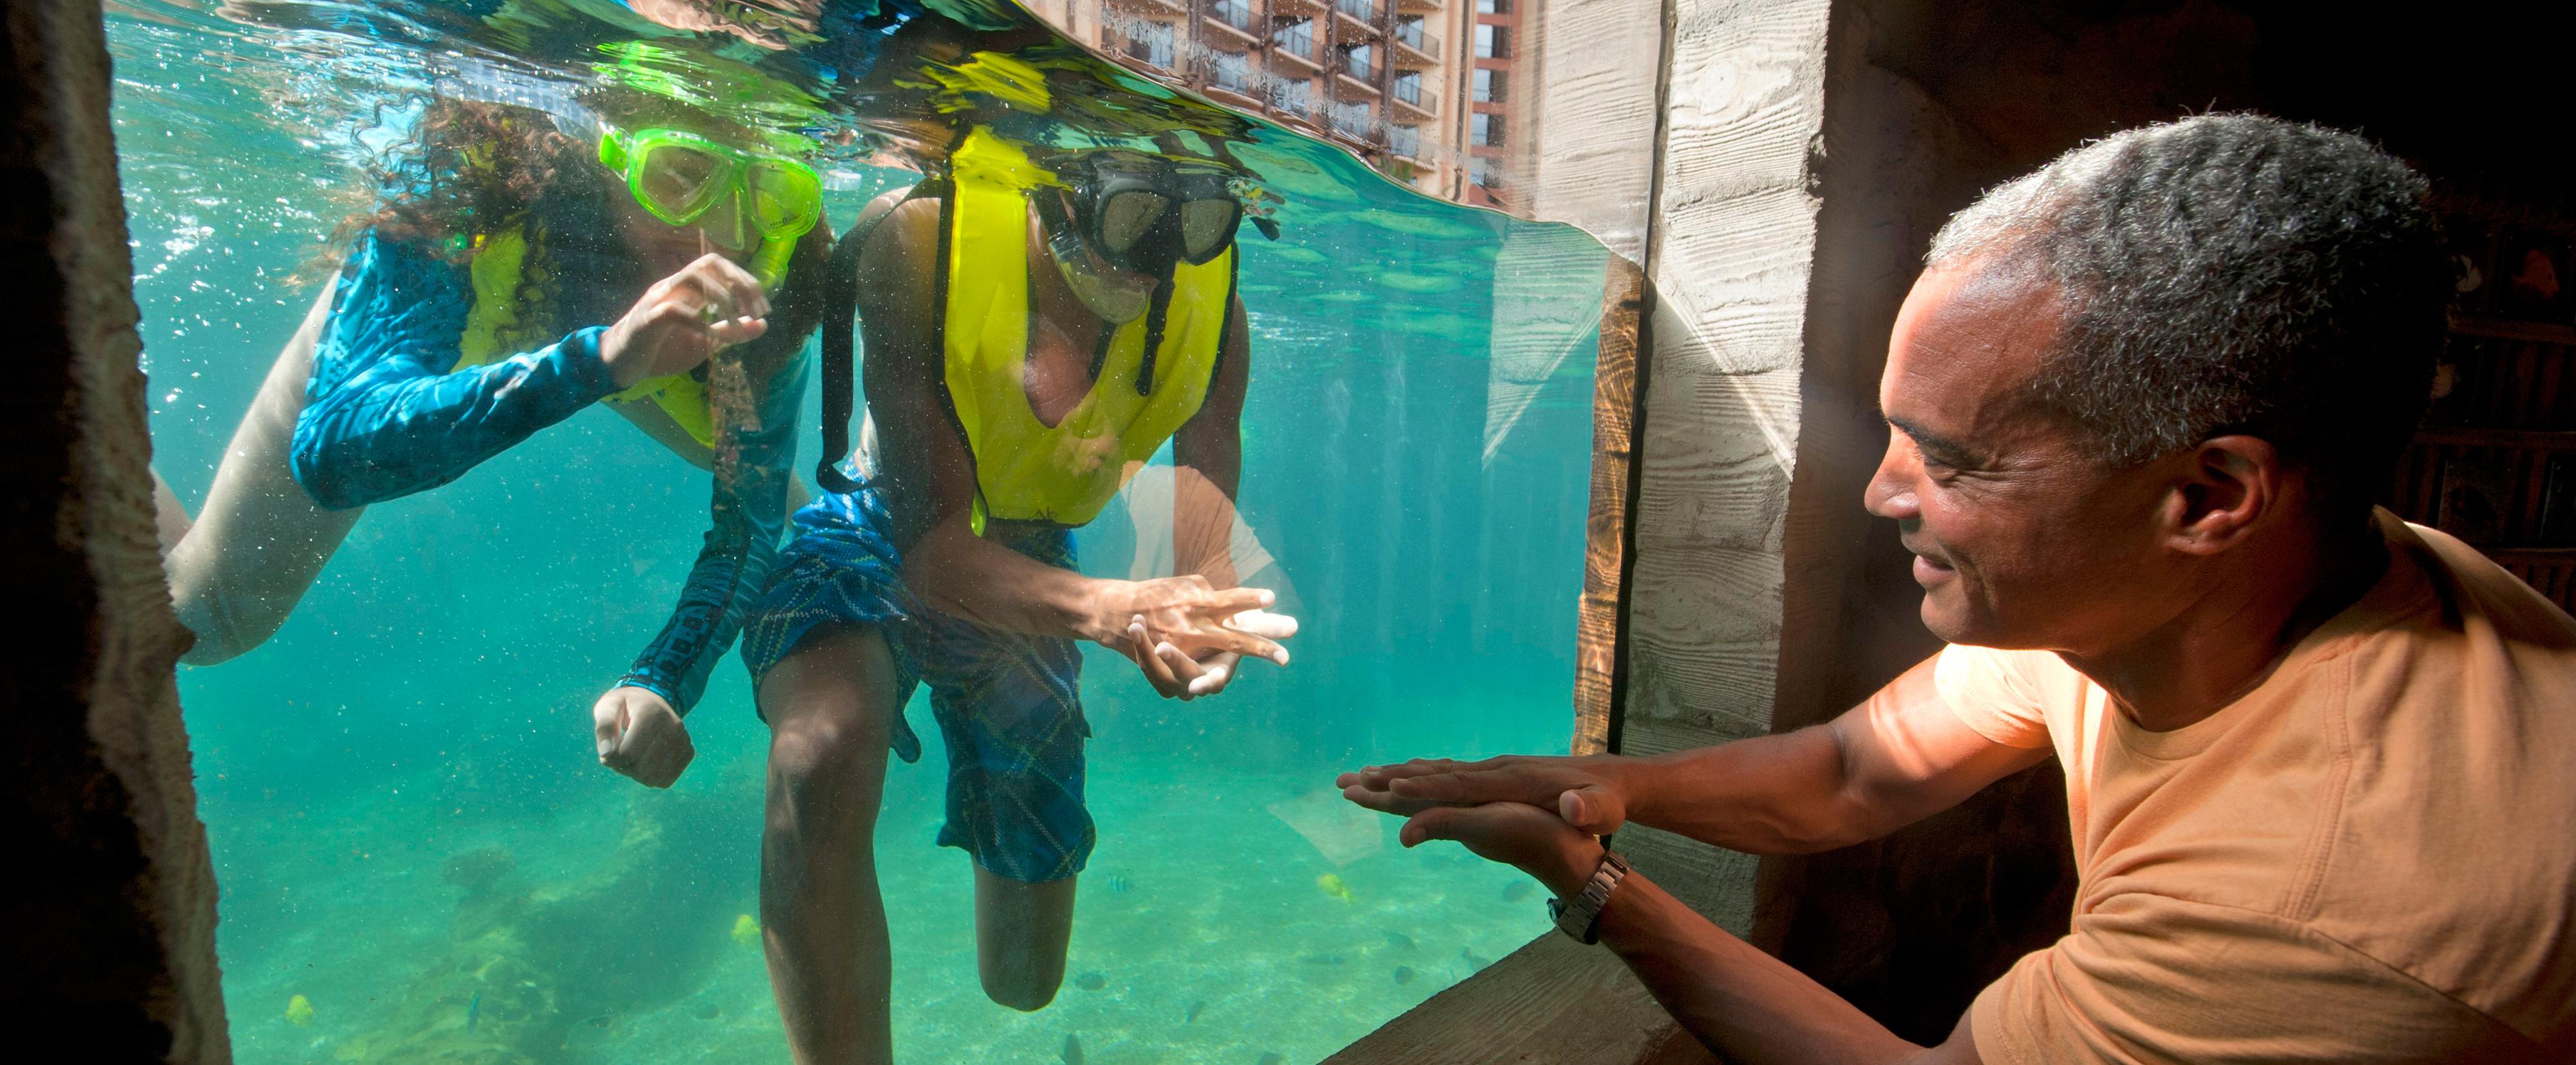 水族館のガラスを隔てて、水中でシュノーケリングを楽しむ子供たちとじゃんけんをする父親